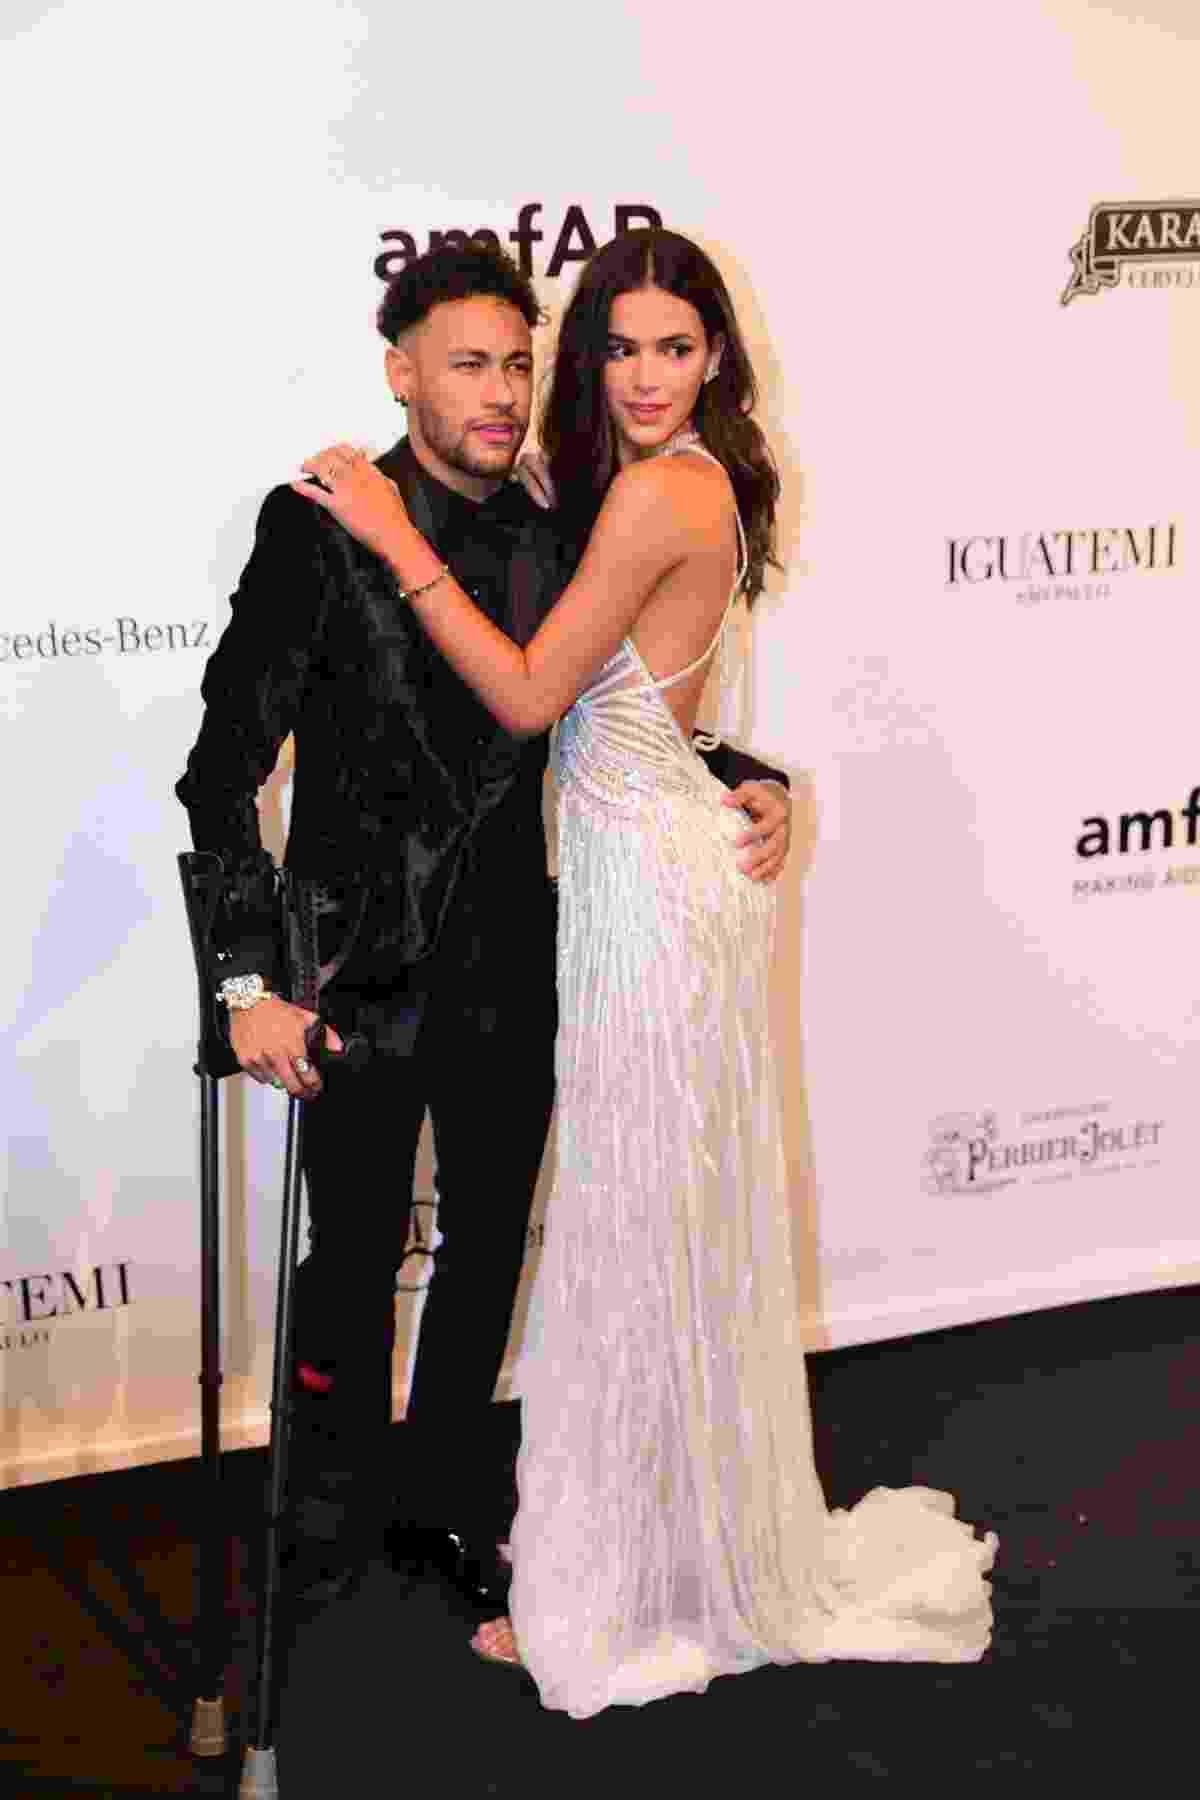 De muletas, Neymar foi acompanhado de Bruna Marquezine ao baile da amfAR, nesta sexta-feira em São Paulo - Deividi Correa/Léo Franco e Thiago Duran/AgNews